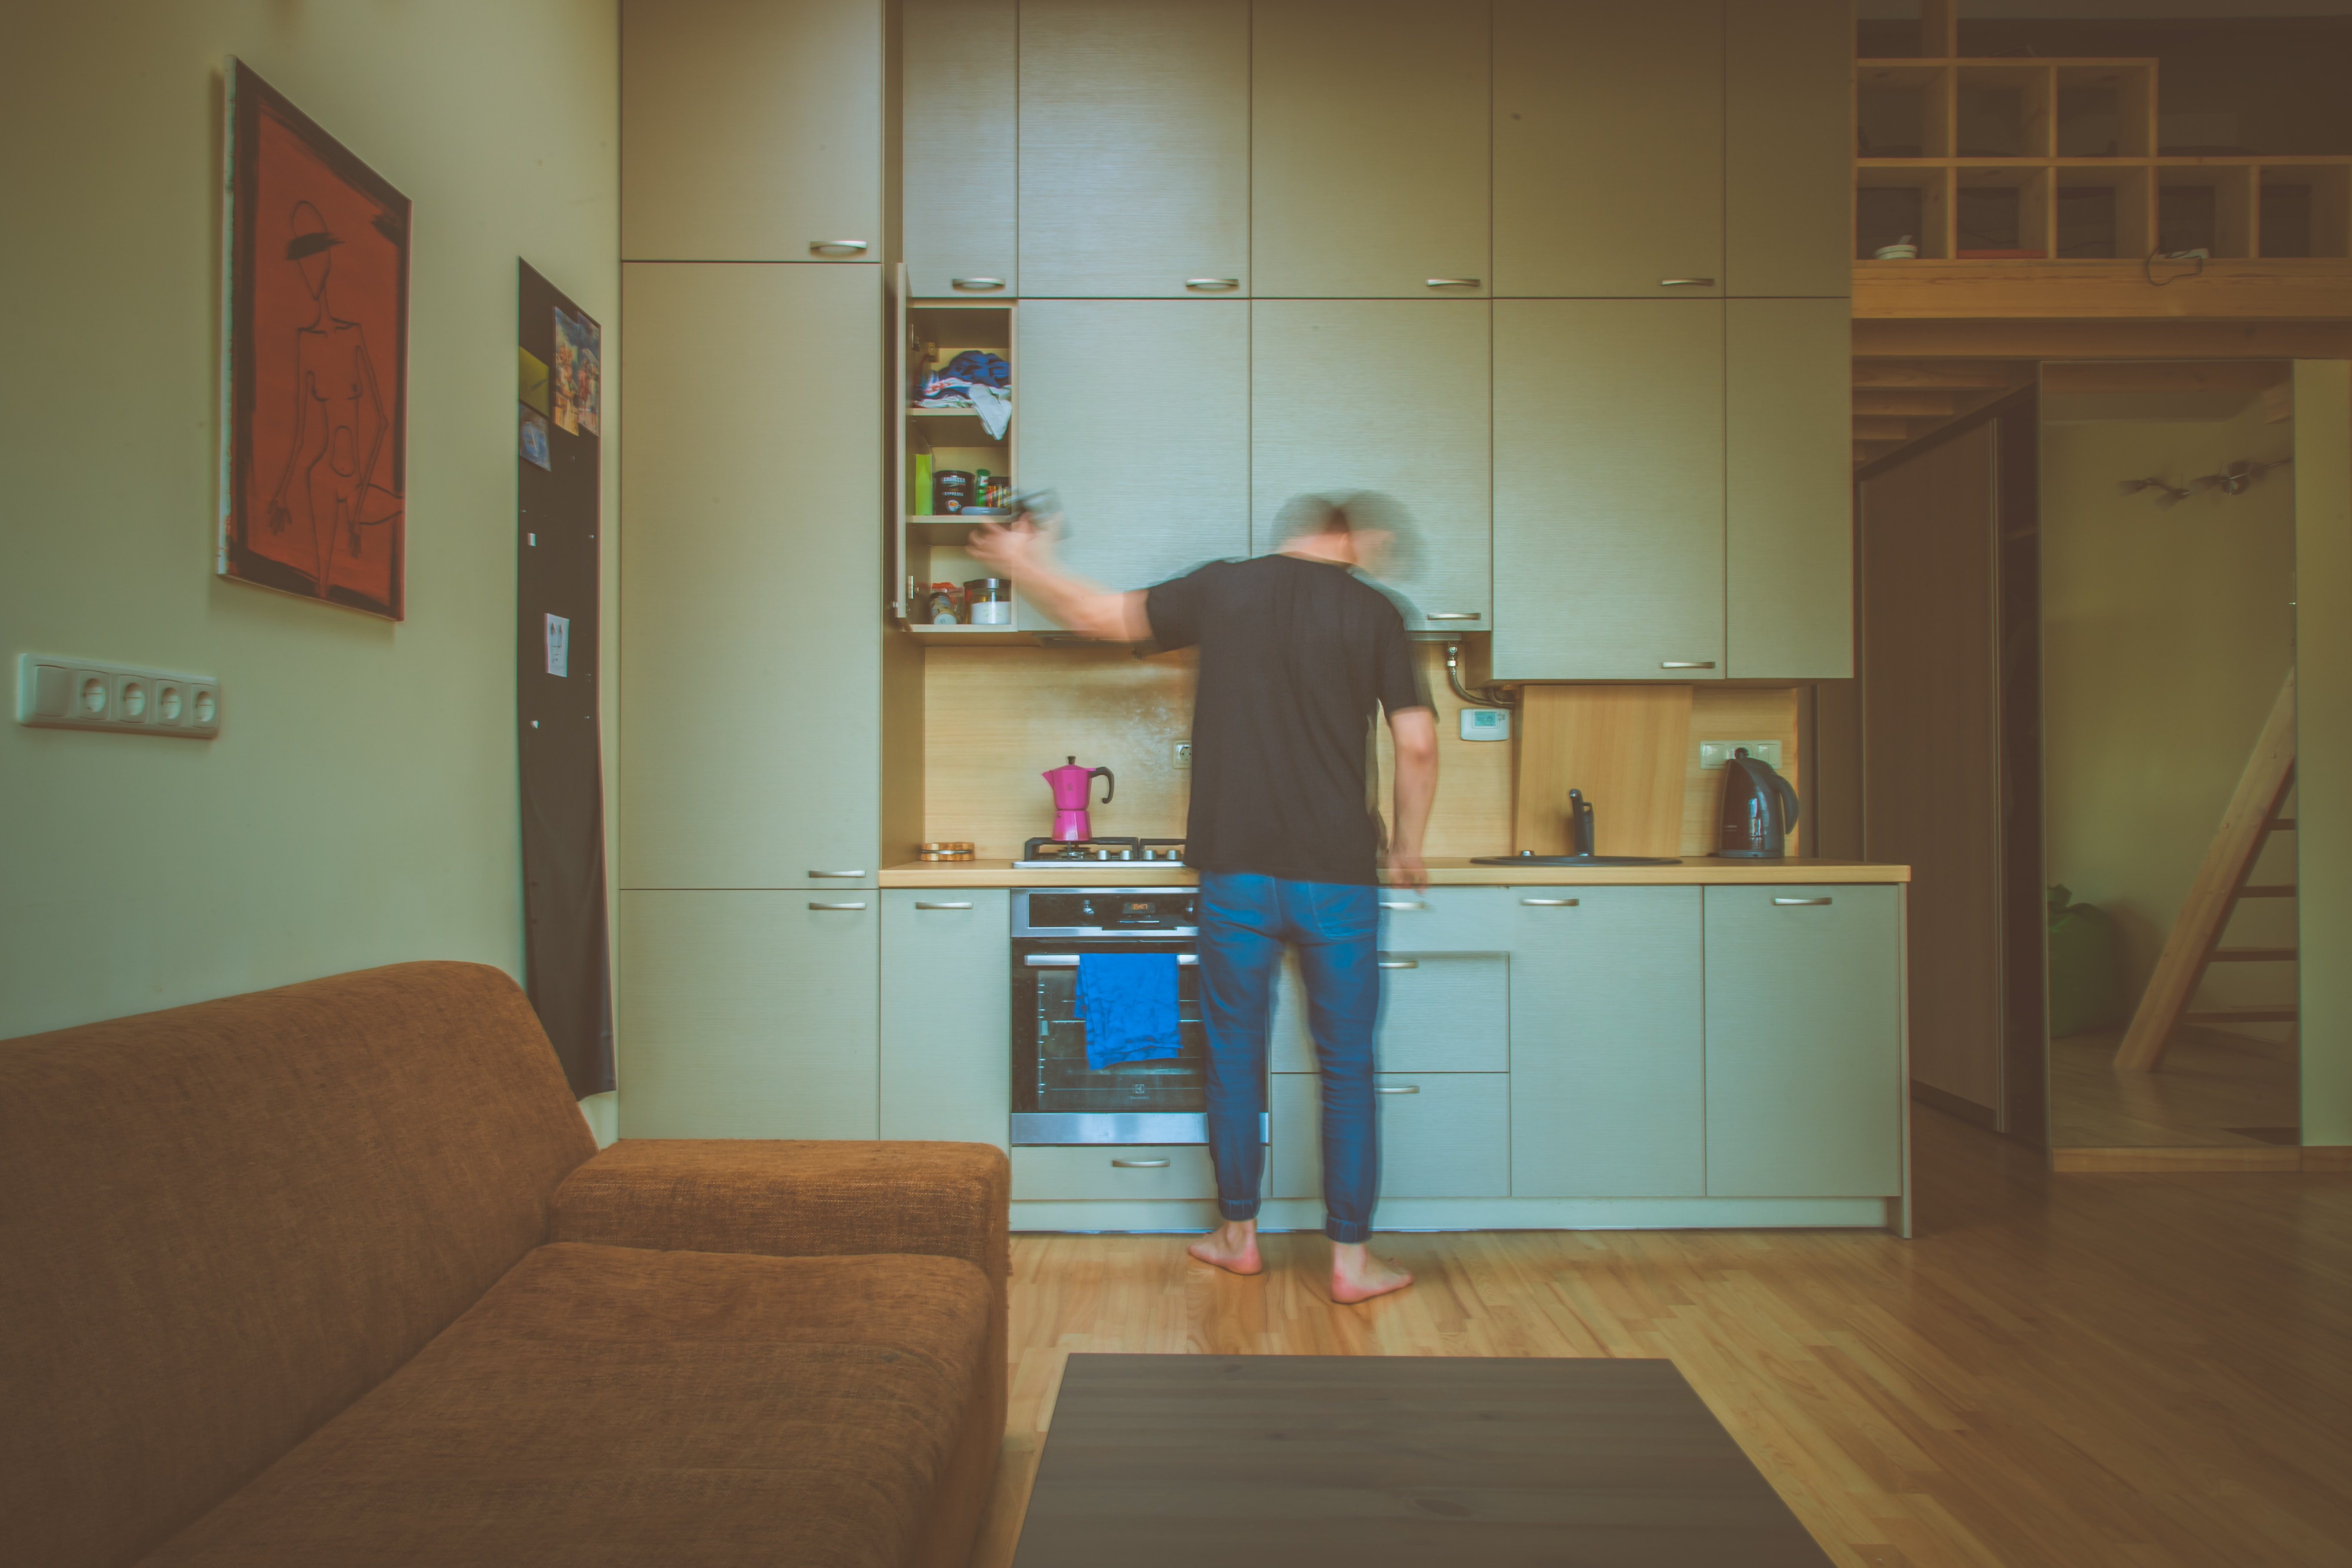 ahorrar energía electrodomésticos